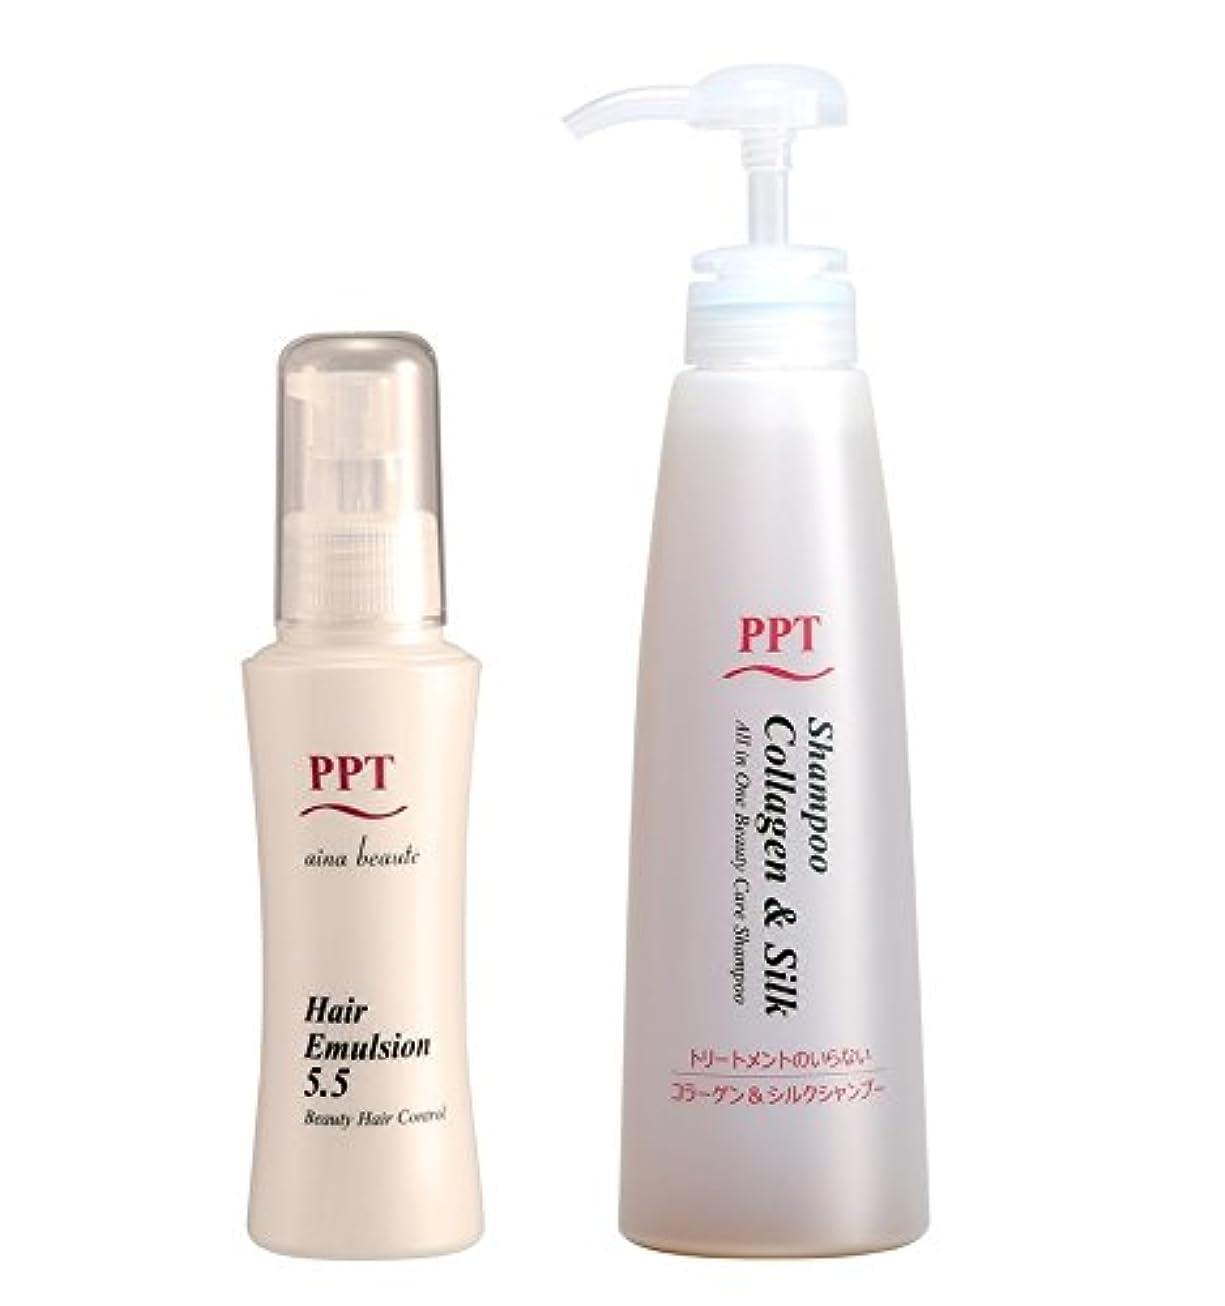 効果的つまらないアコードトリートメント不要 PPTコラーゲン&シルクシャンプー乾燥肌~普通肌用(しっとり),PPTヘアエマルジョン5.5セット